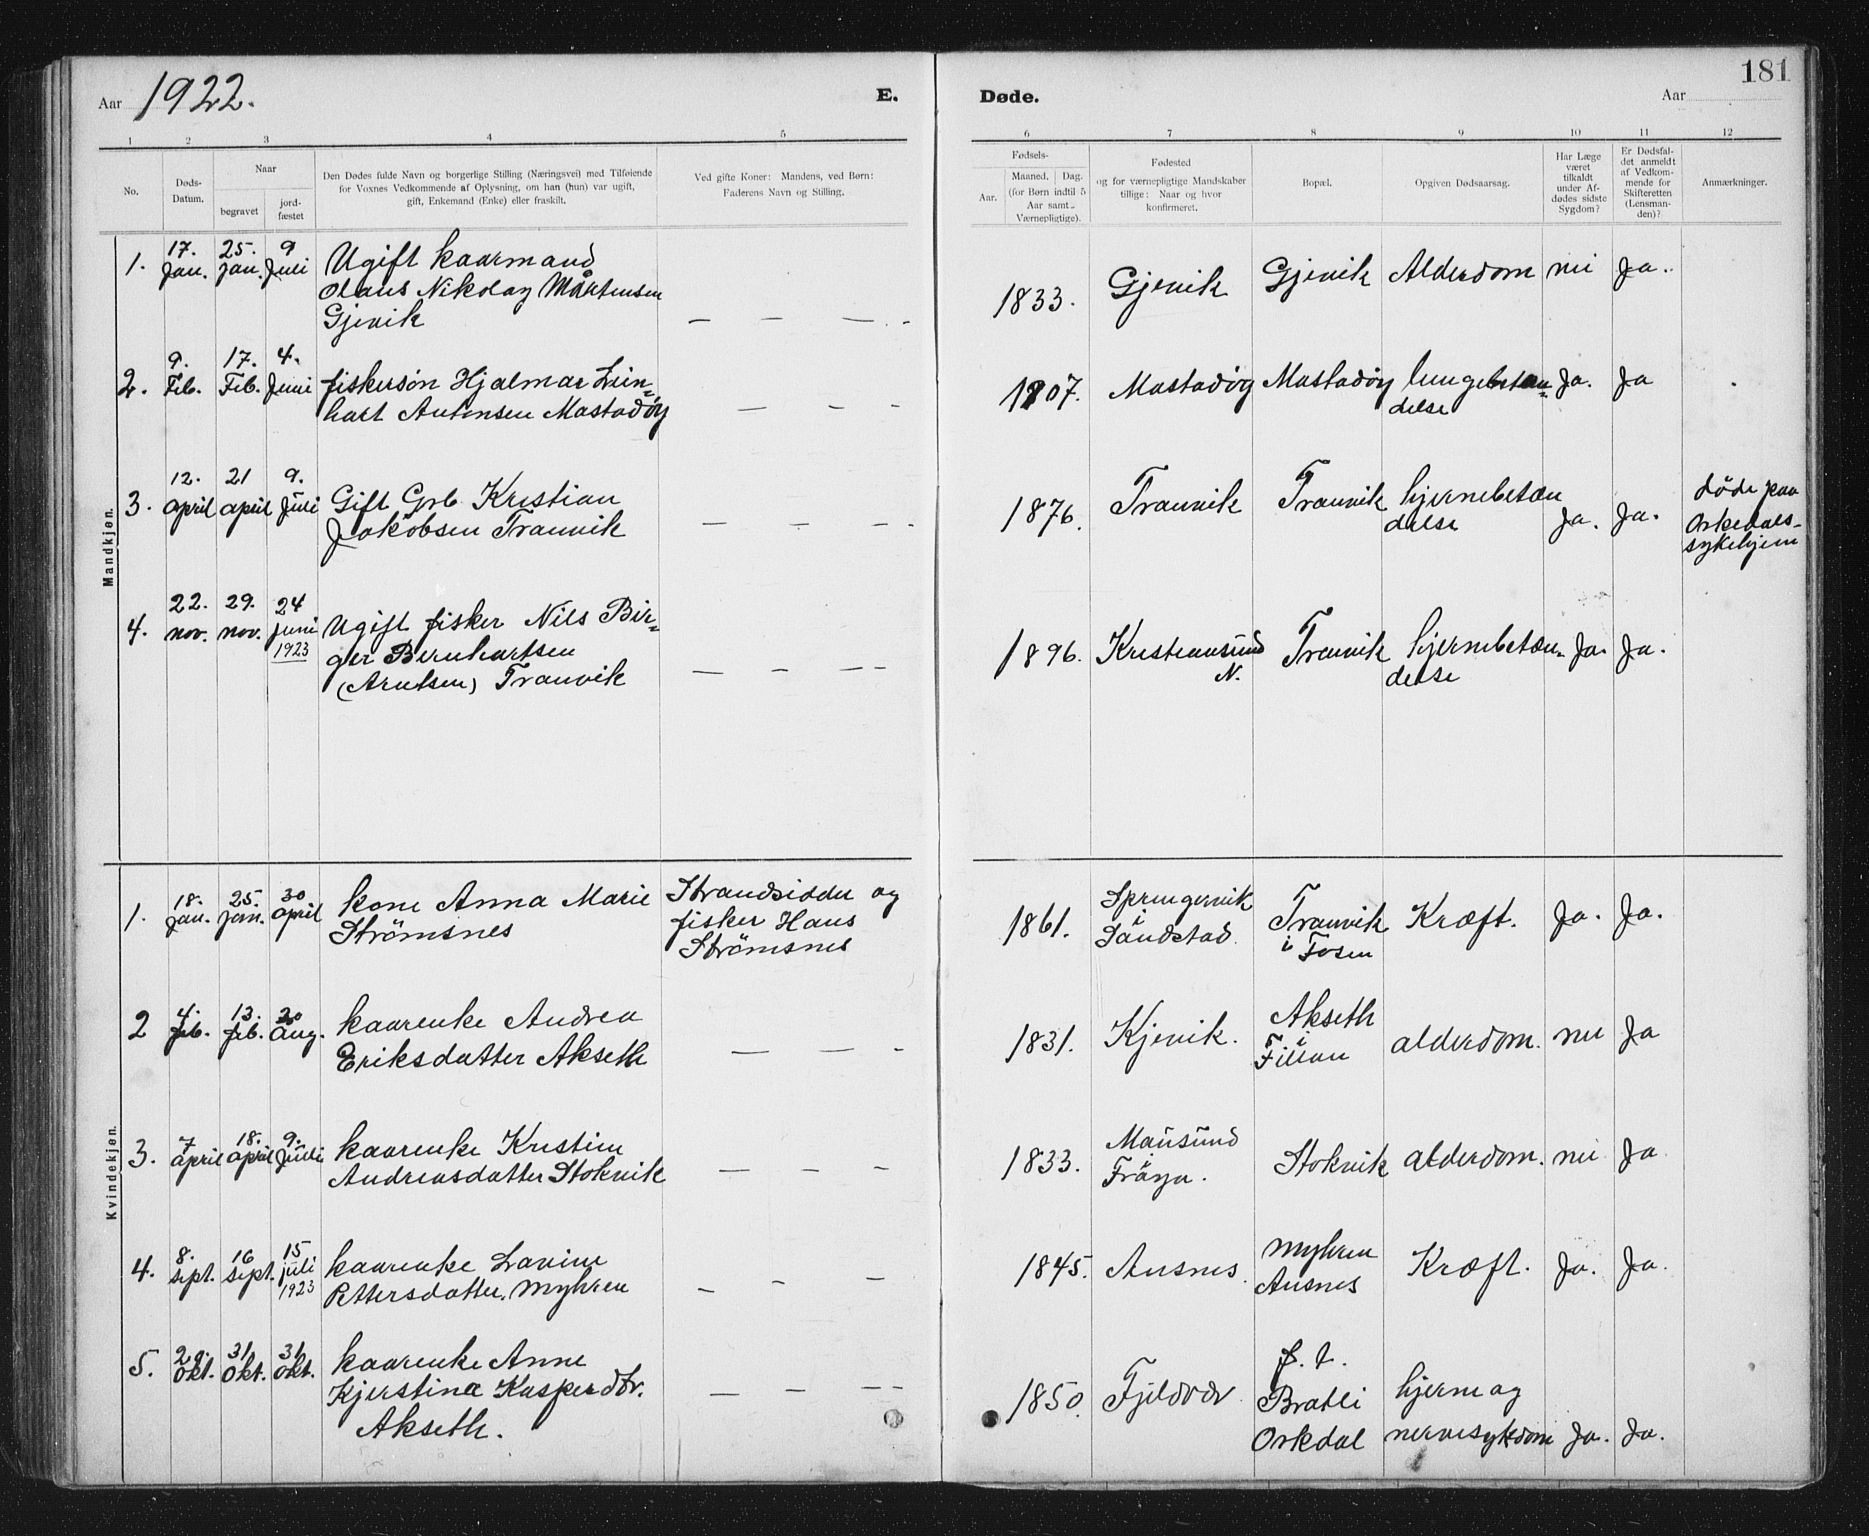 SAT, Ministerialprotokoller, klokkerbøker og fødselsregistre - Sør-Trøndelag, 637/L0563: Klokkerbok nr. 637C04, 1899-1940, s. 181